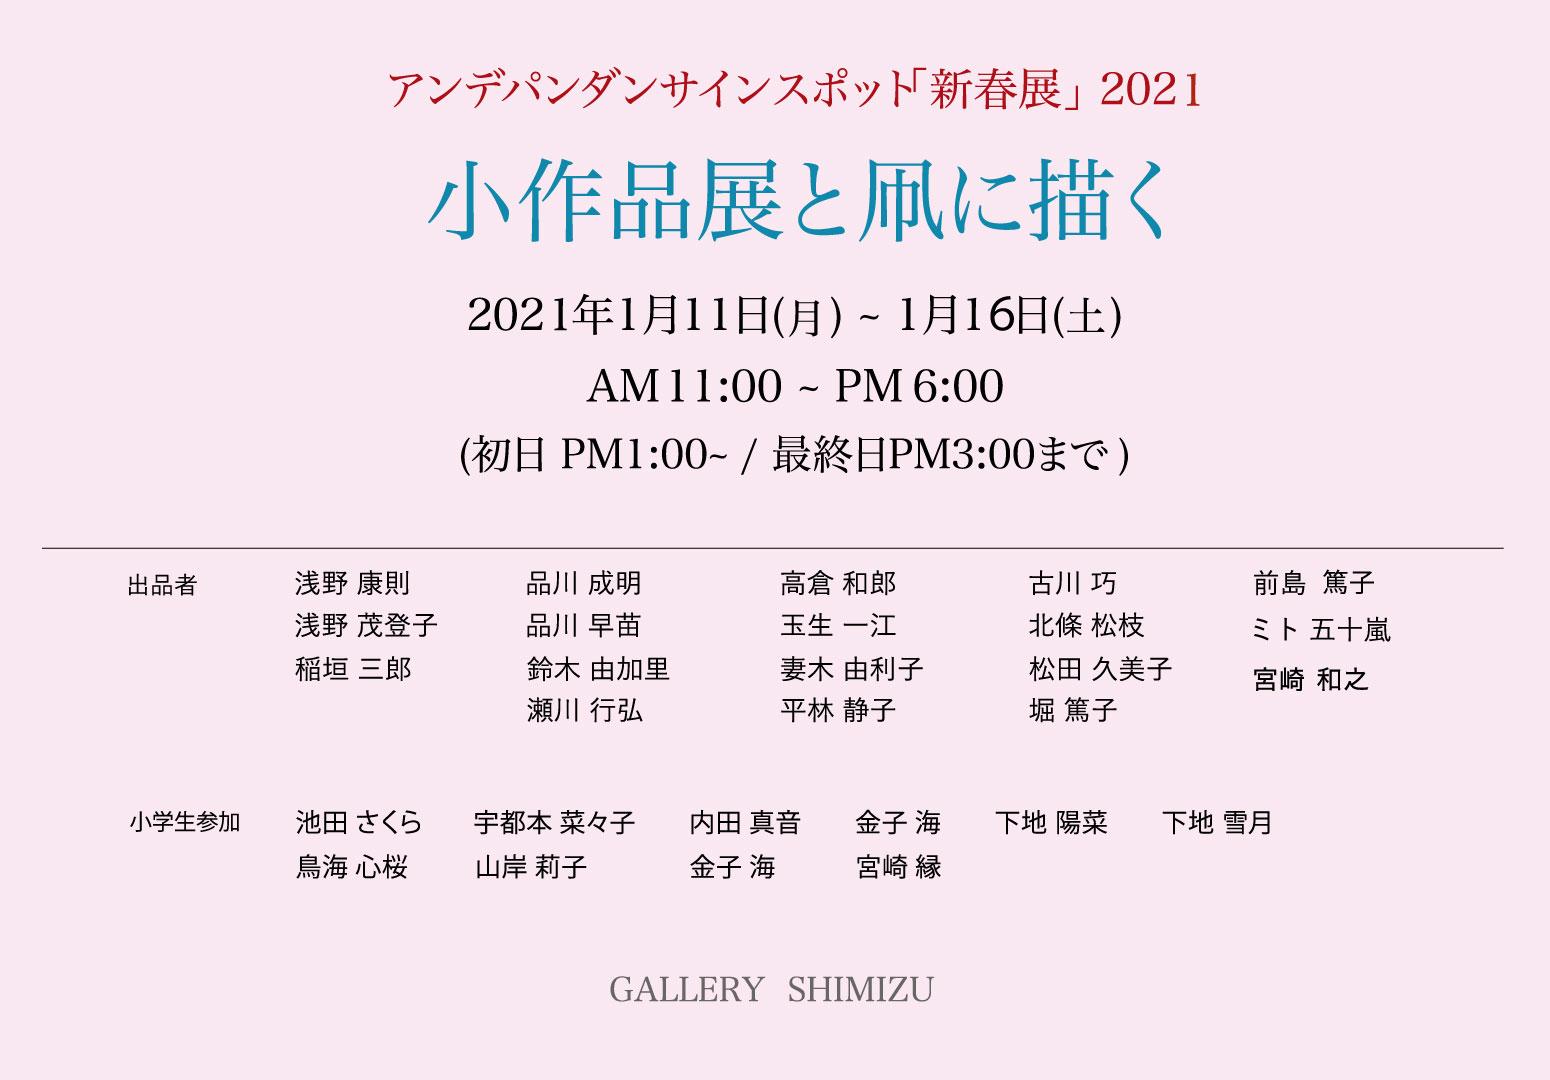 アンデパンダンサインスポット「新春展」2021 小作品展と凧に描く